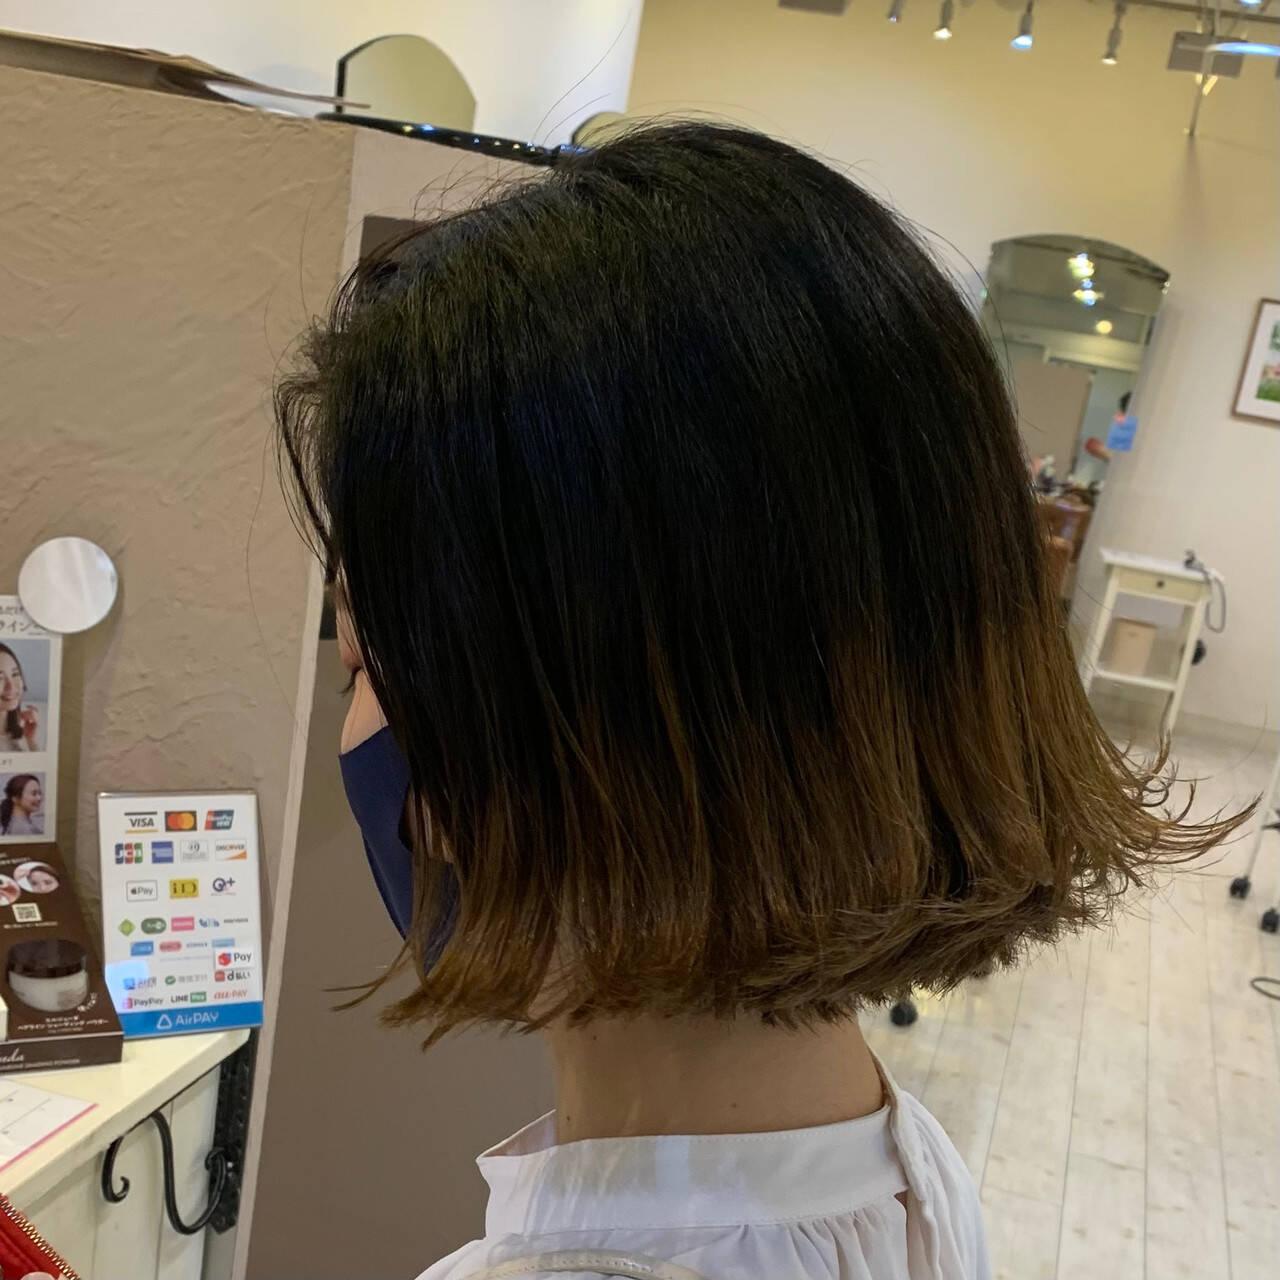 ナチュラル 切りっぱなしボブ 裾カラー ボブヘアスタイルや髪型の写真・画像